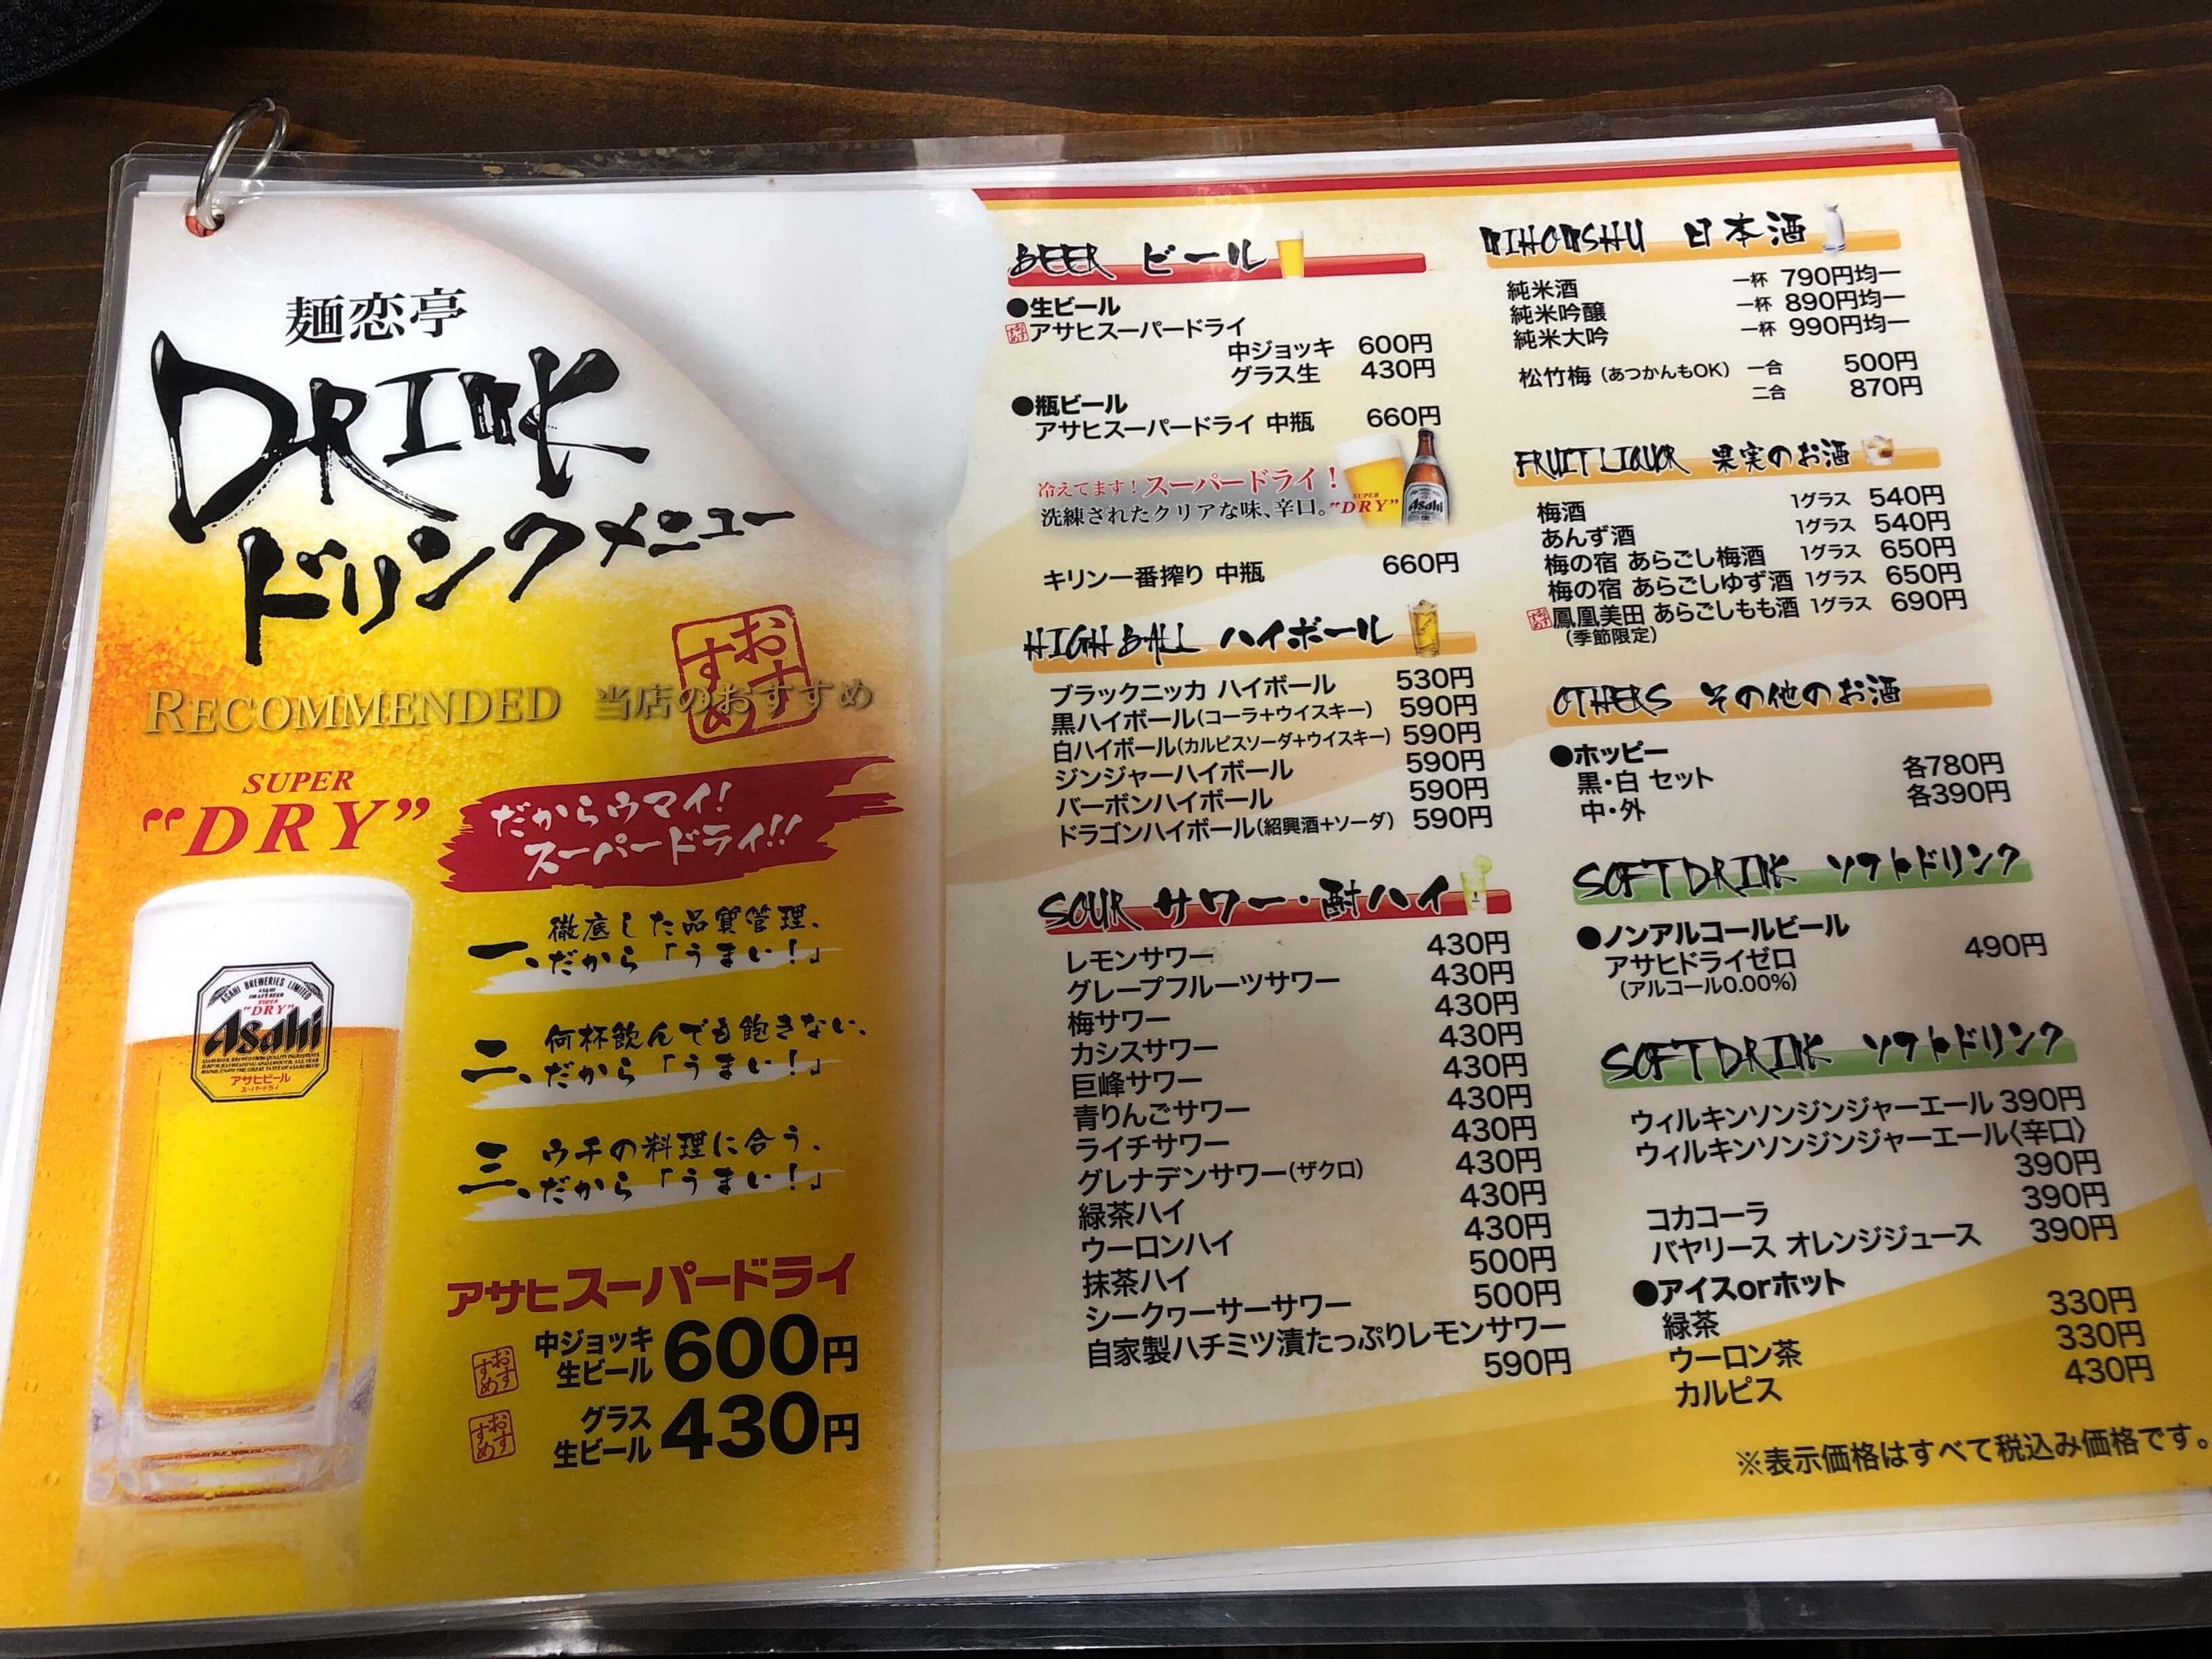 麺恋亭 メニュー 2020.02.24